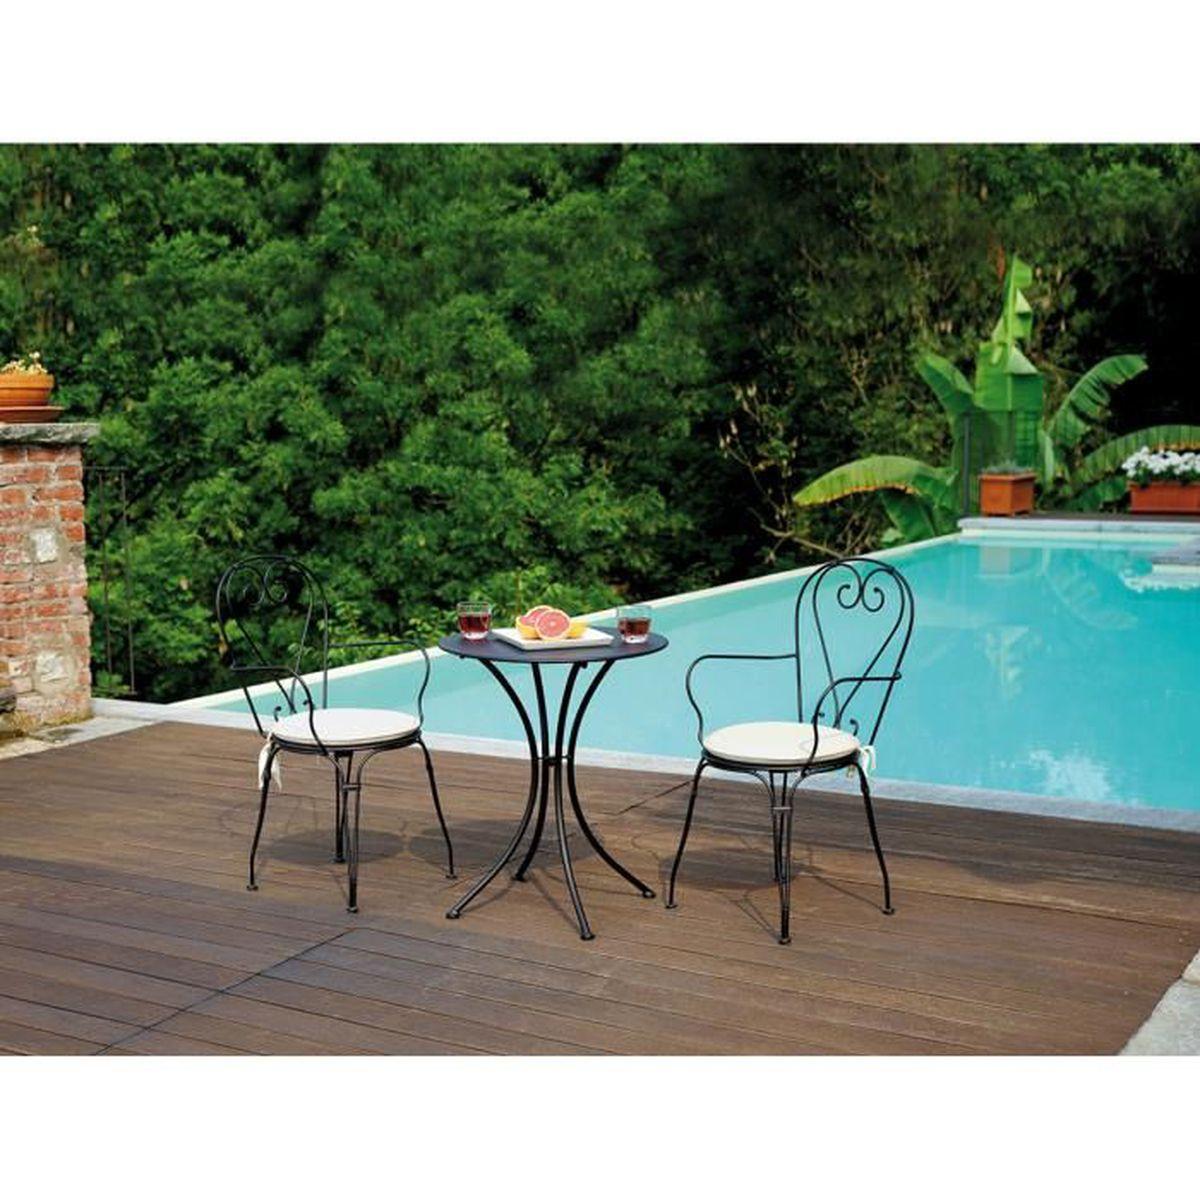 Table et chaise de jardin en fer forge